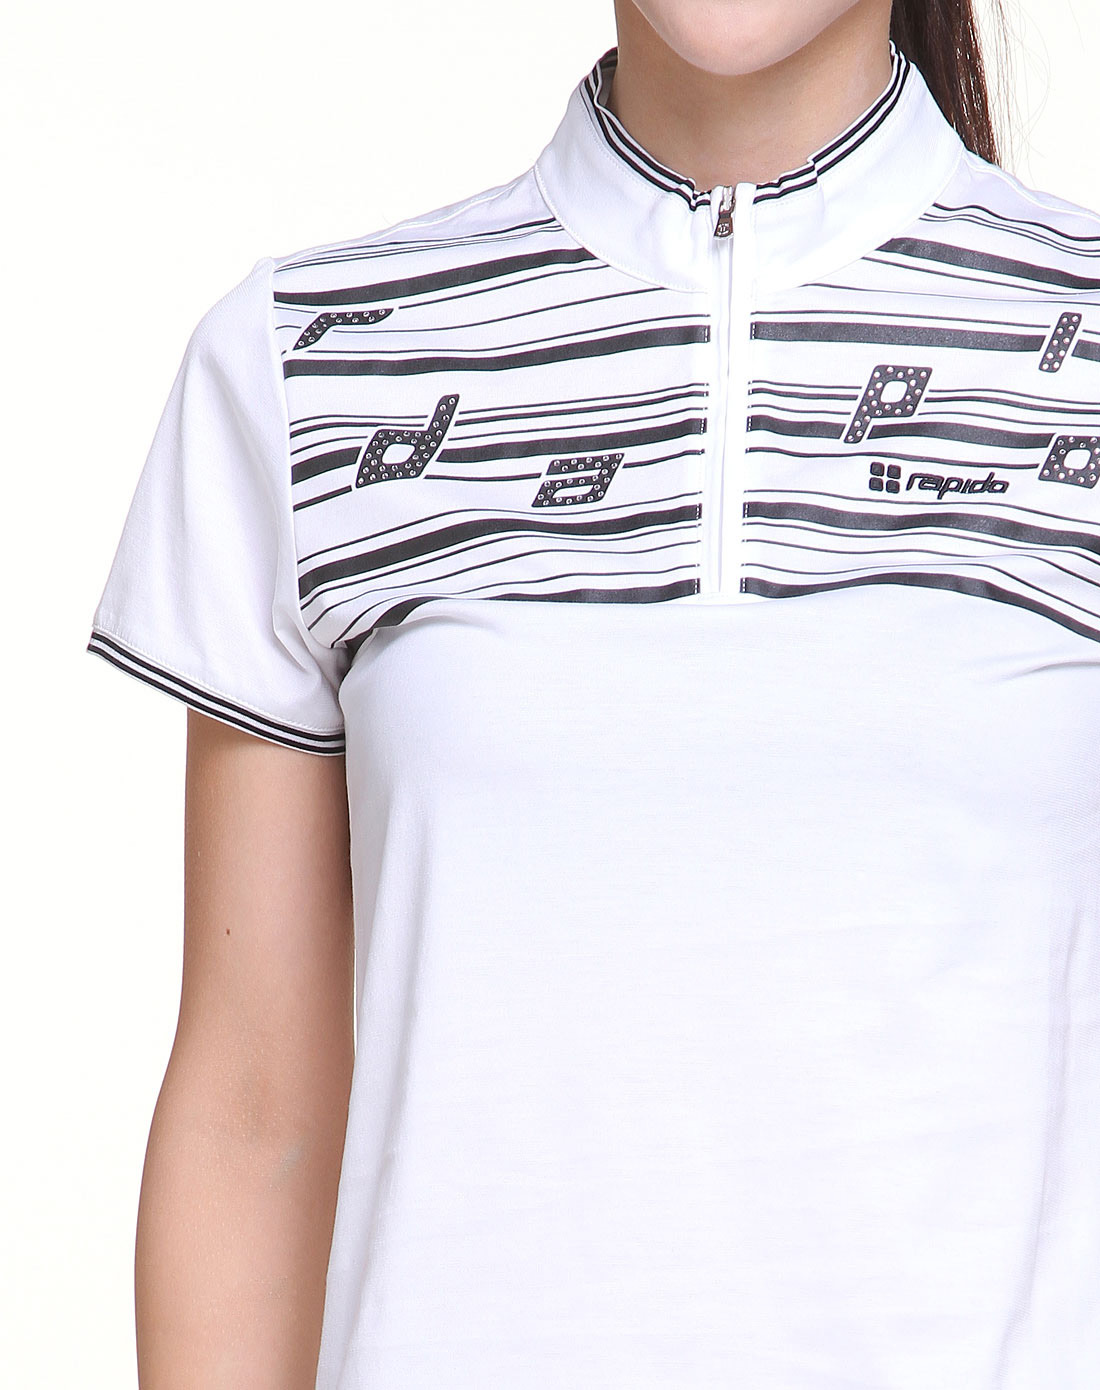 女款白底黑色条纹短袖t恤